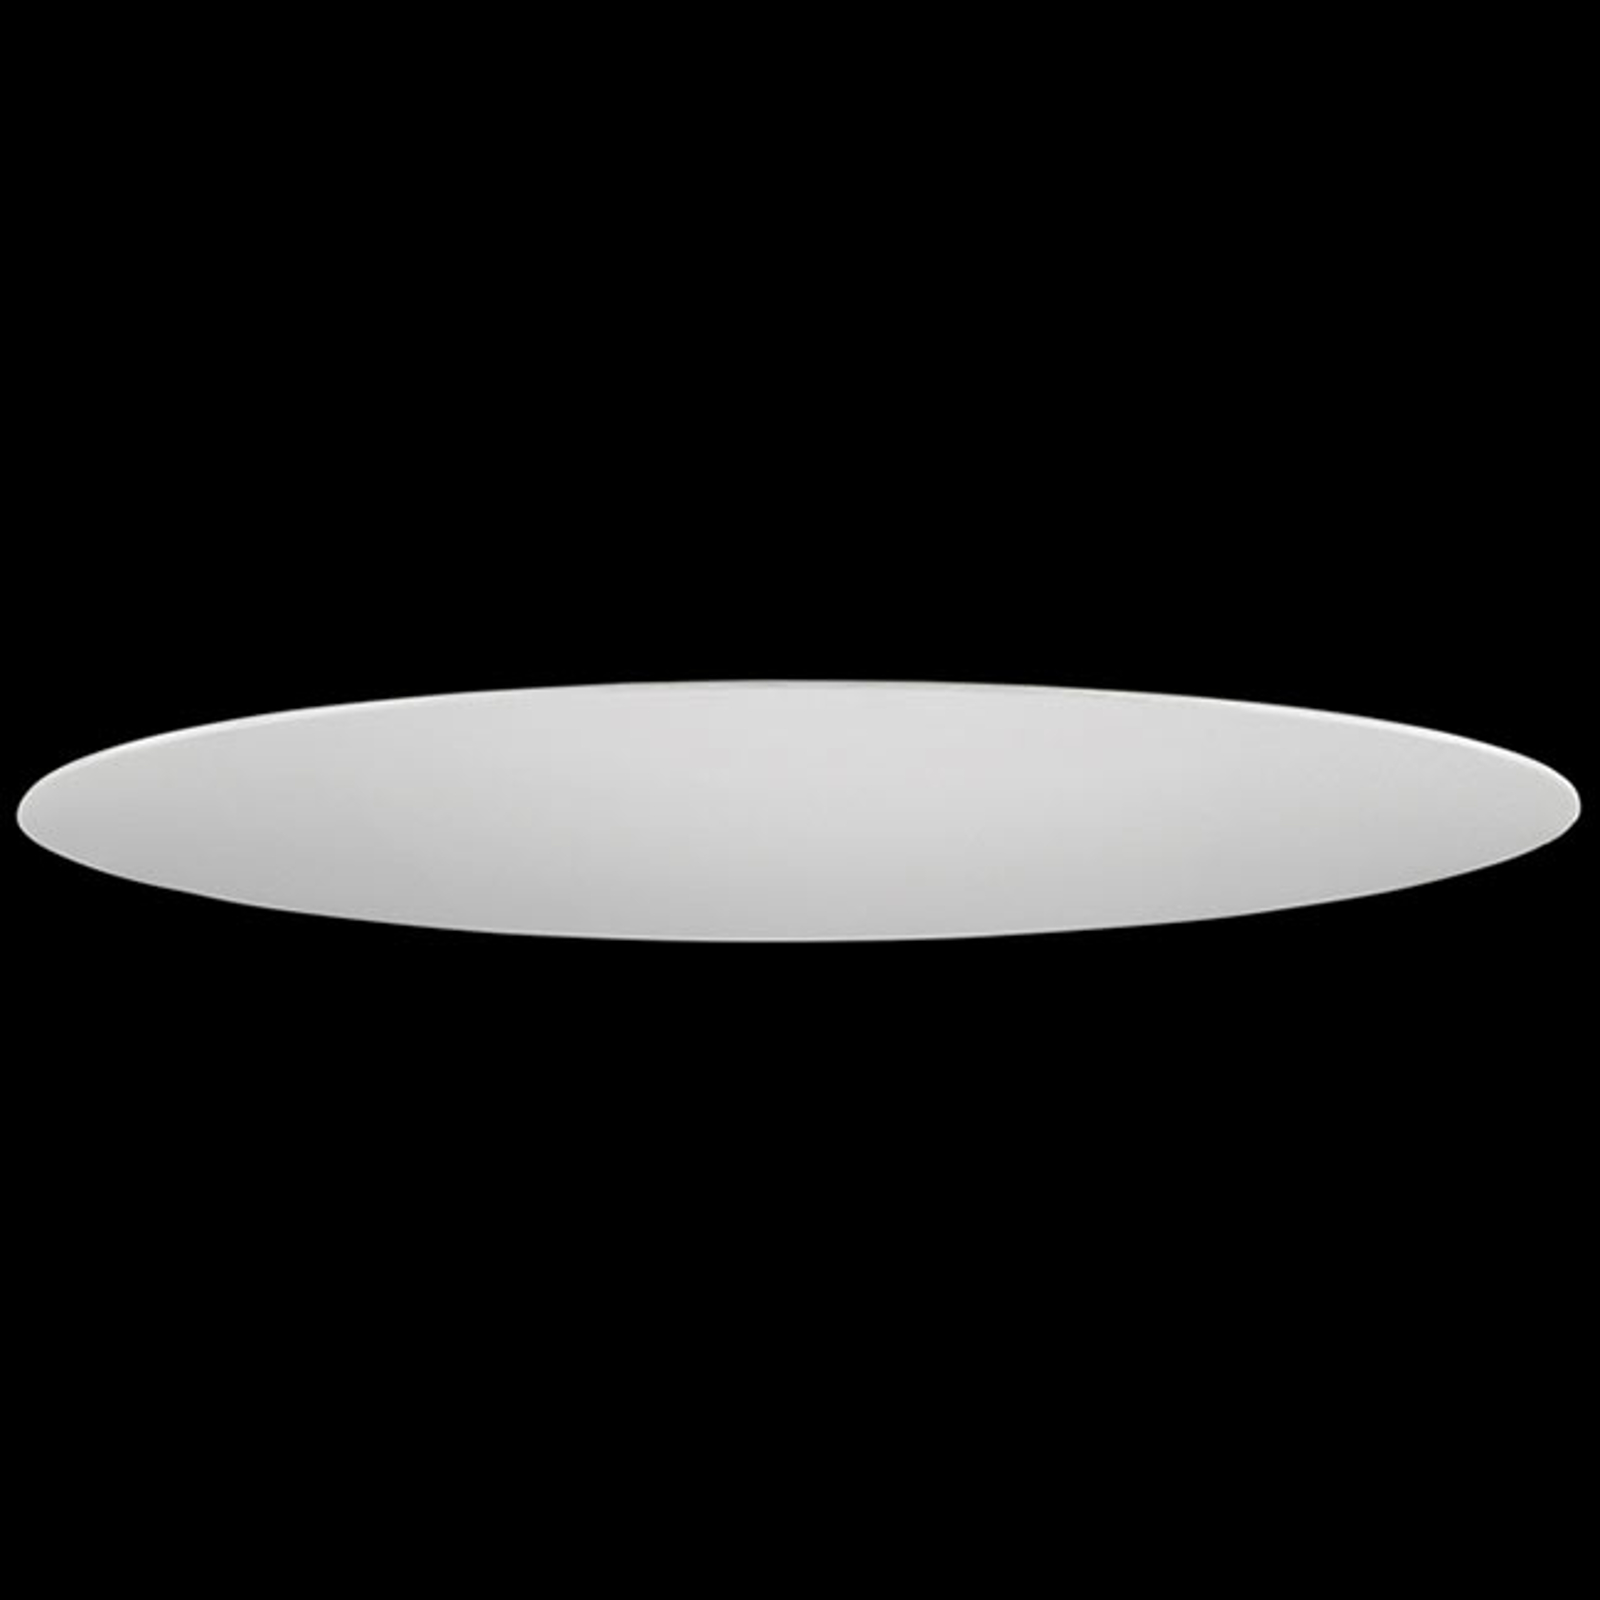 Acquista acrilico satinato 40 cm, HV-Track4